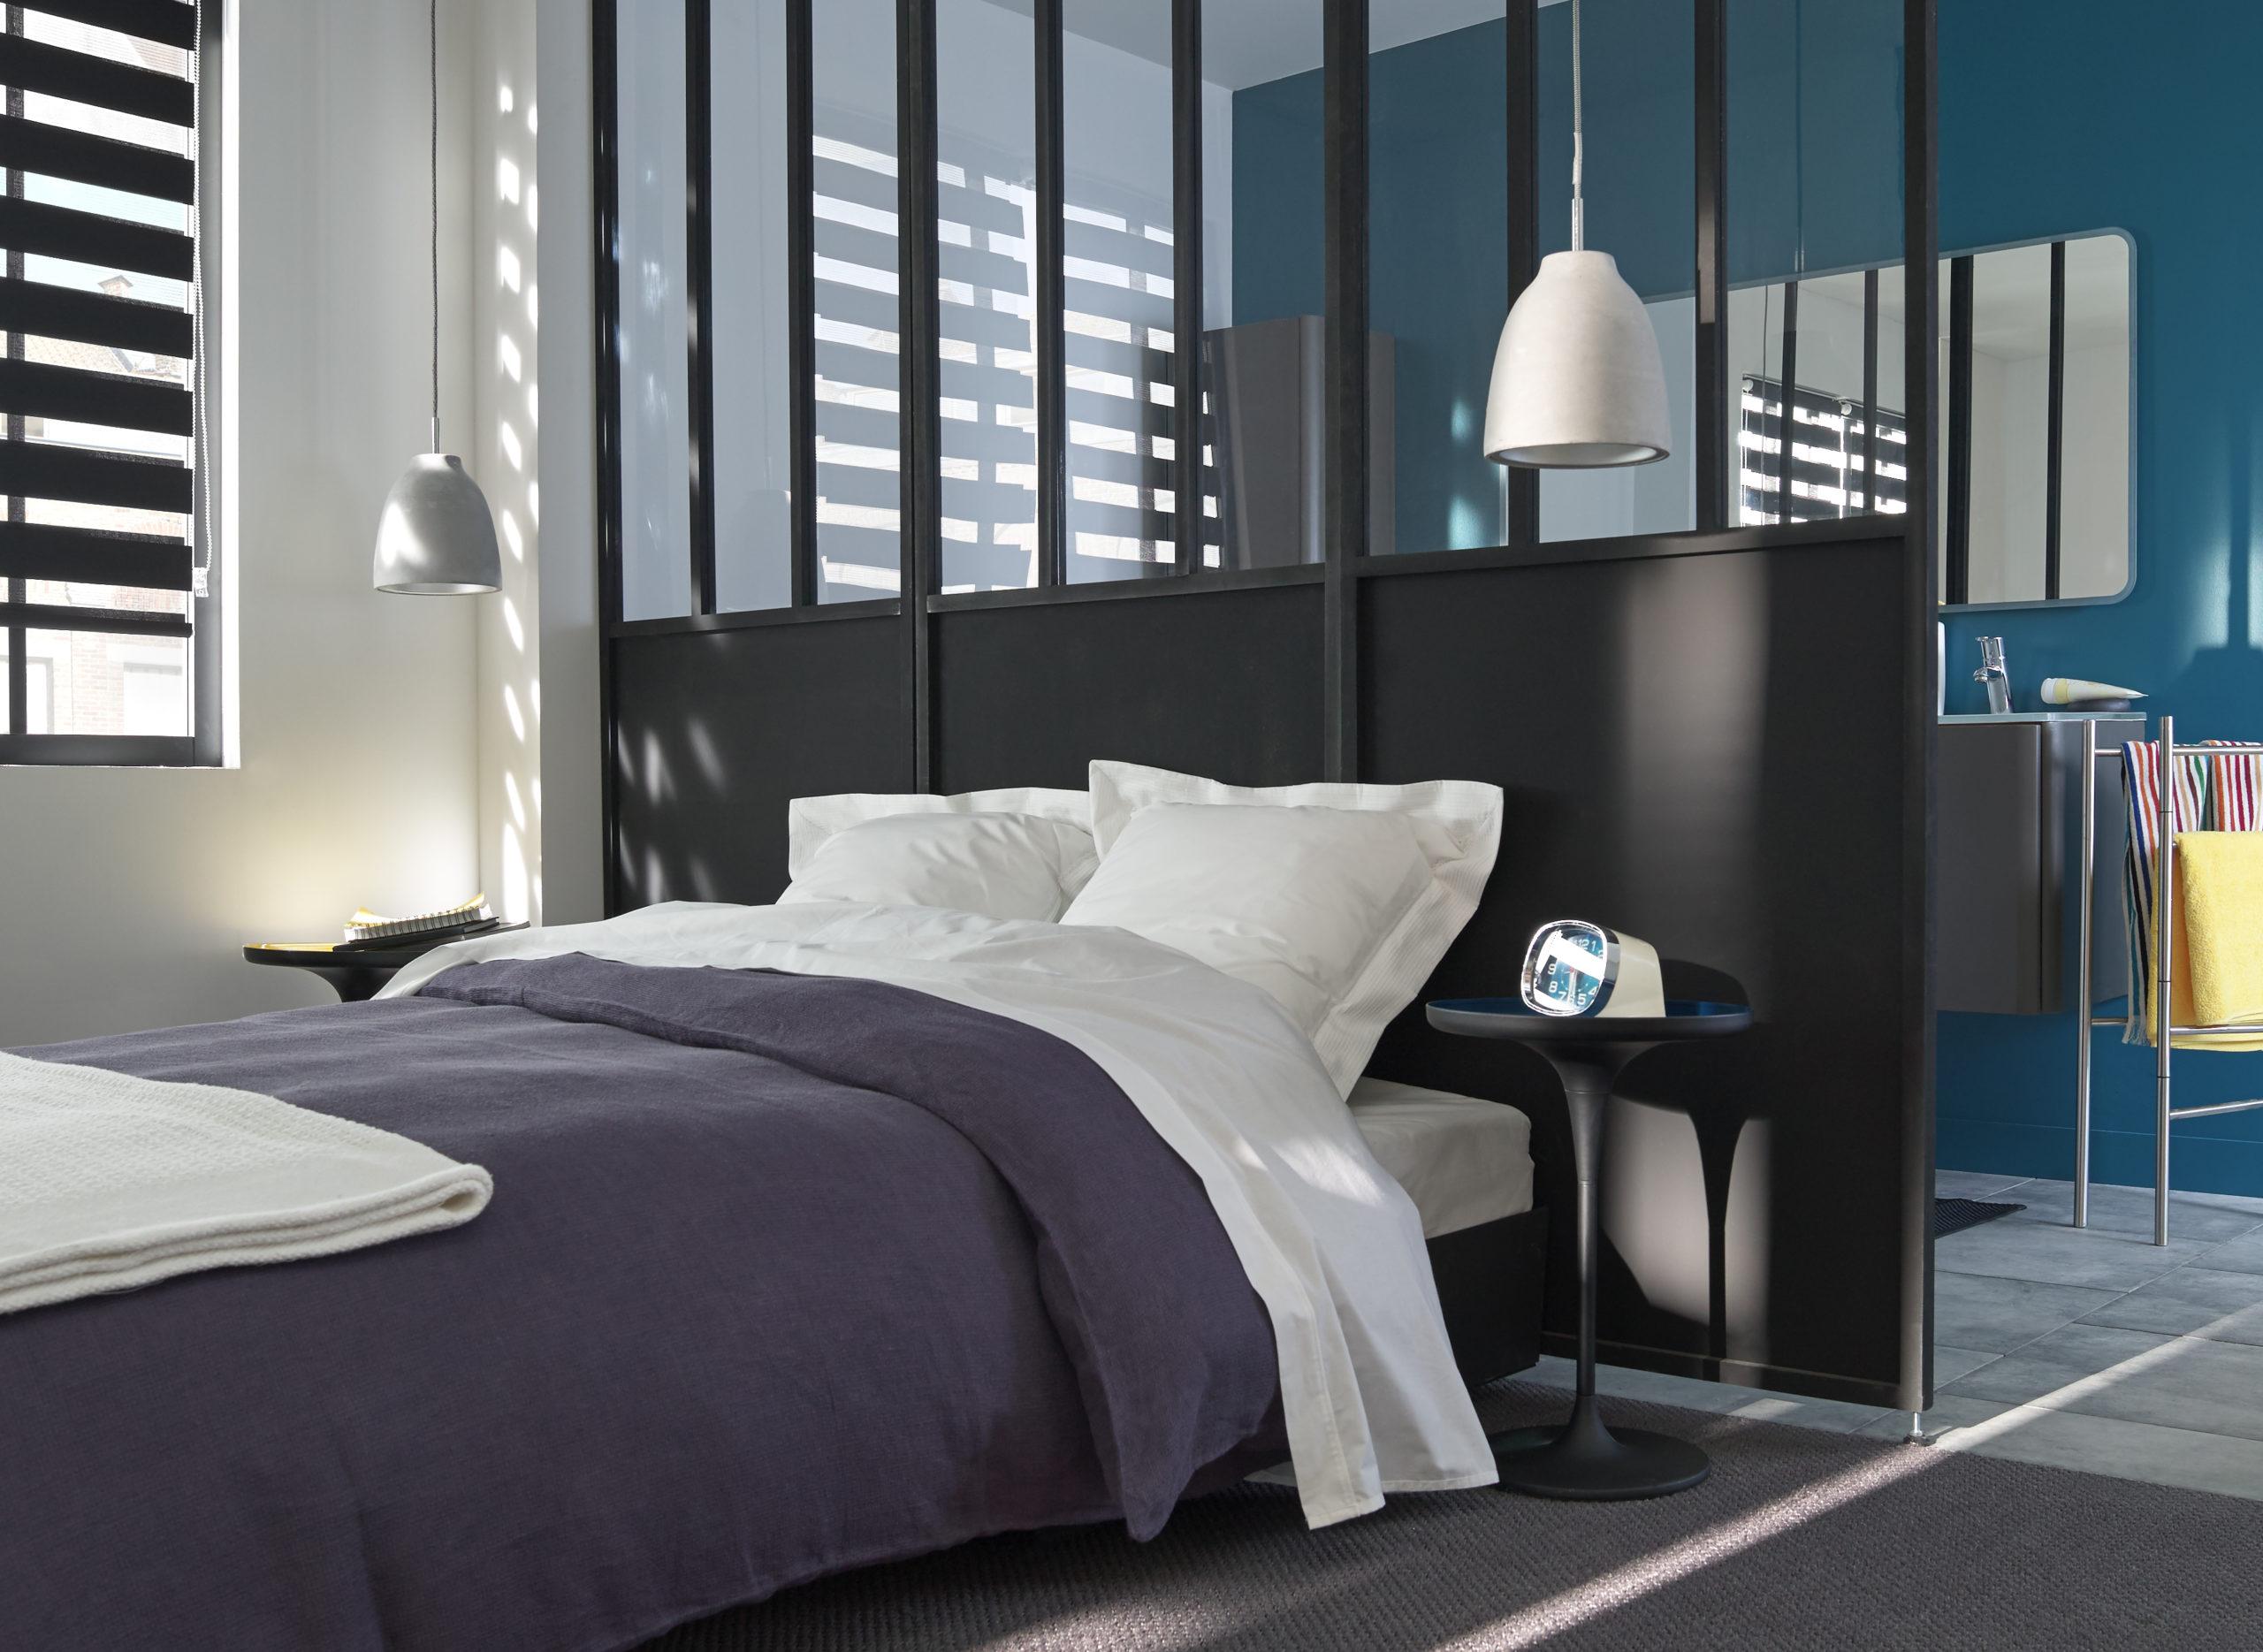 Une chambre, quatre idées pour penser et optimiser l'espace autrement